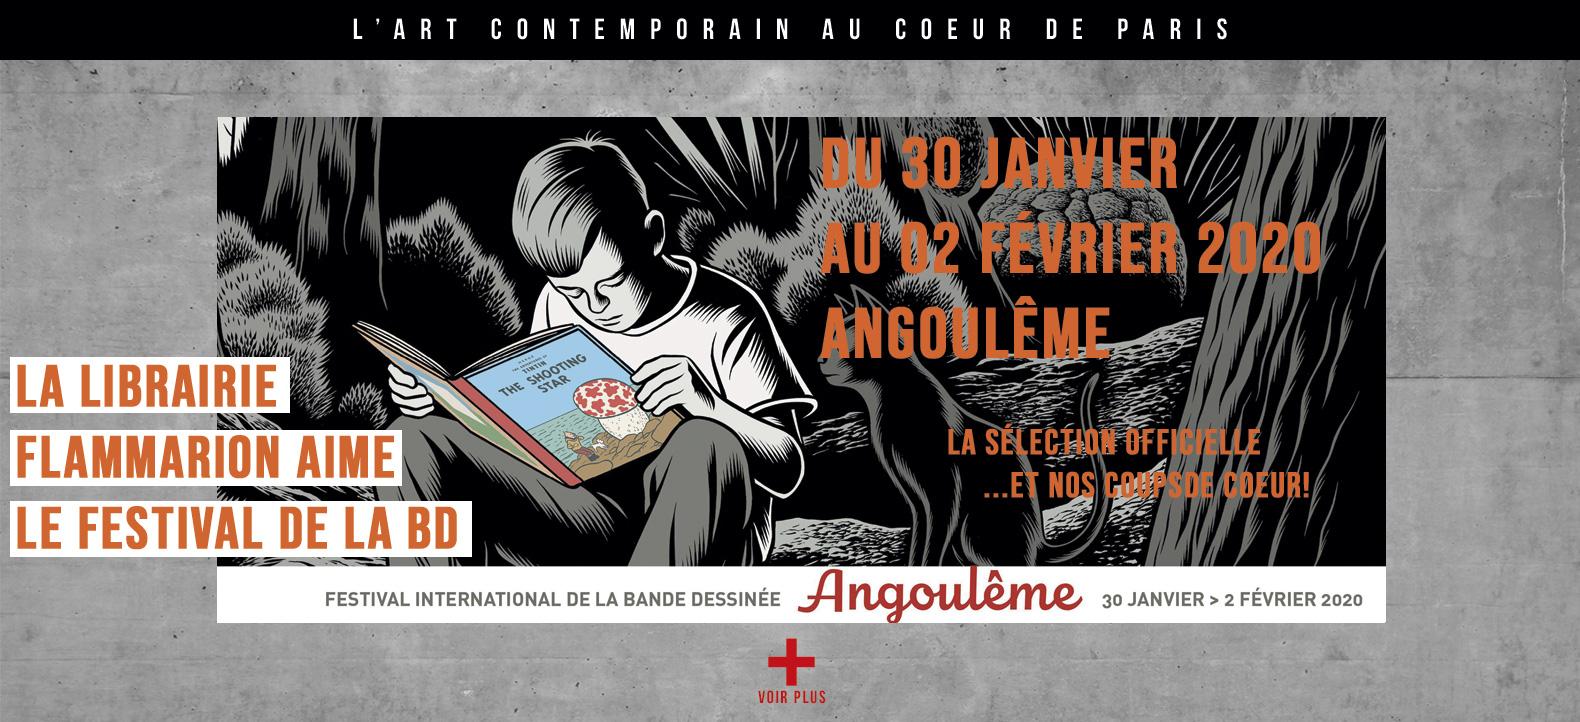 Festival de la bande dessinée d'Angoulème 2020